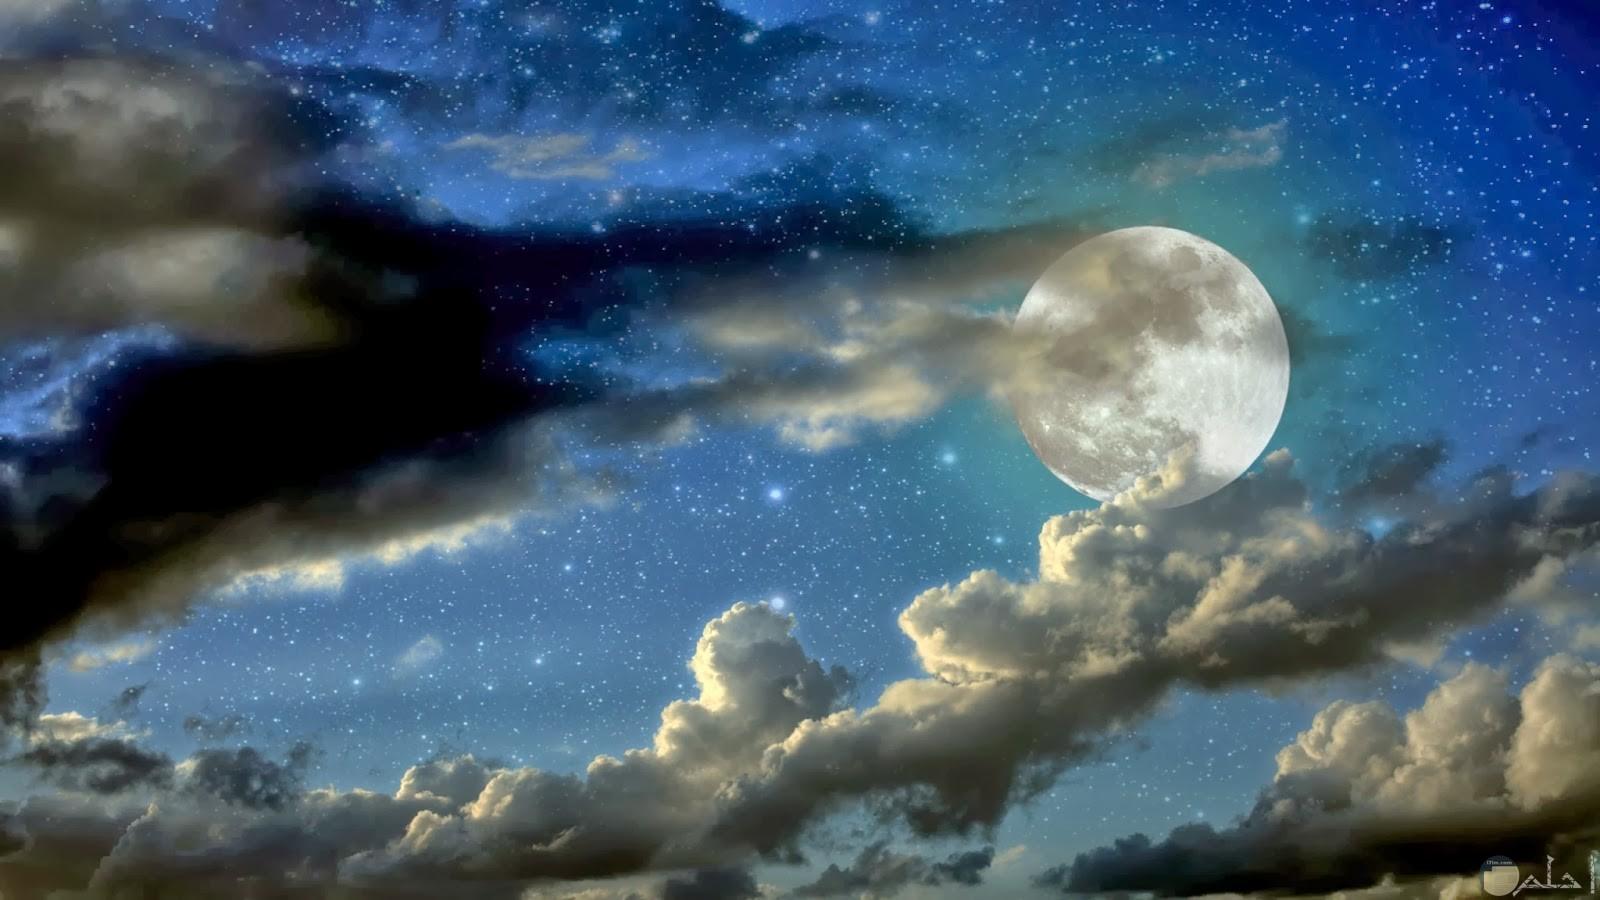 صورة جميلة للقمر بين السحاب